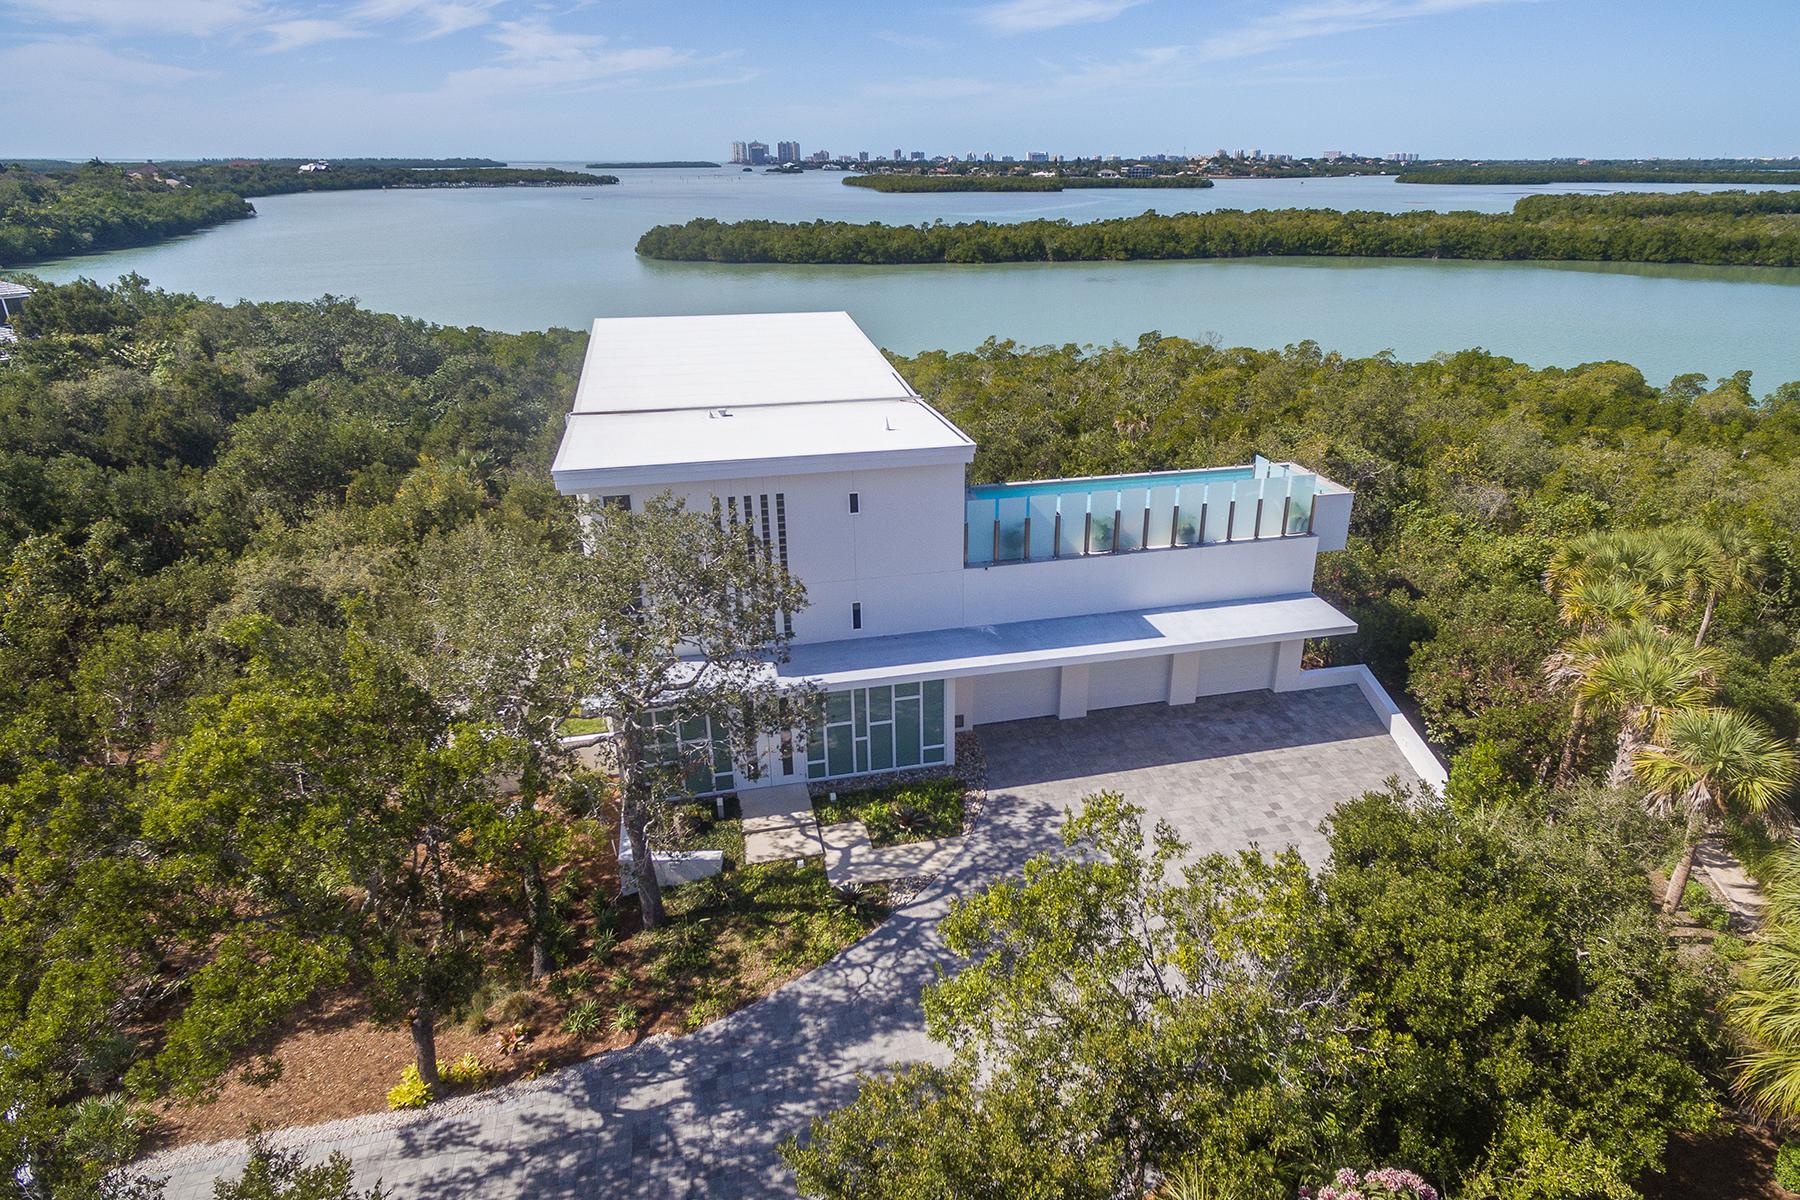 Maison unifamiliale pour l Vente à KEY MARCO 1143 Blue Hill Creek Dr Marco Island, Florida, 34145 États-Unis